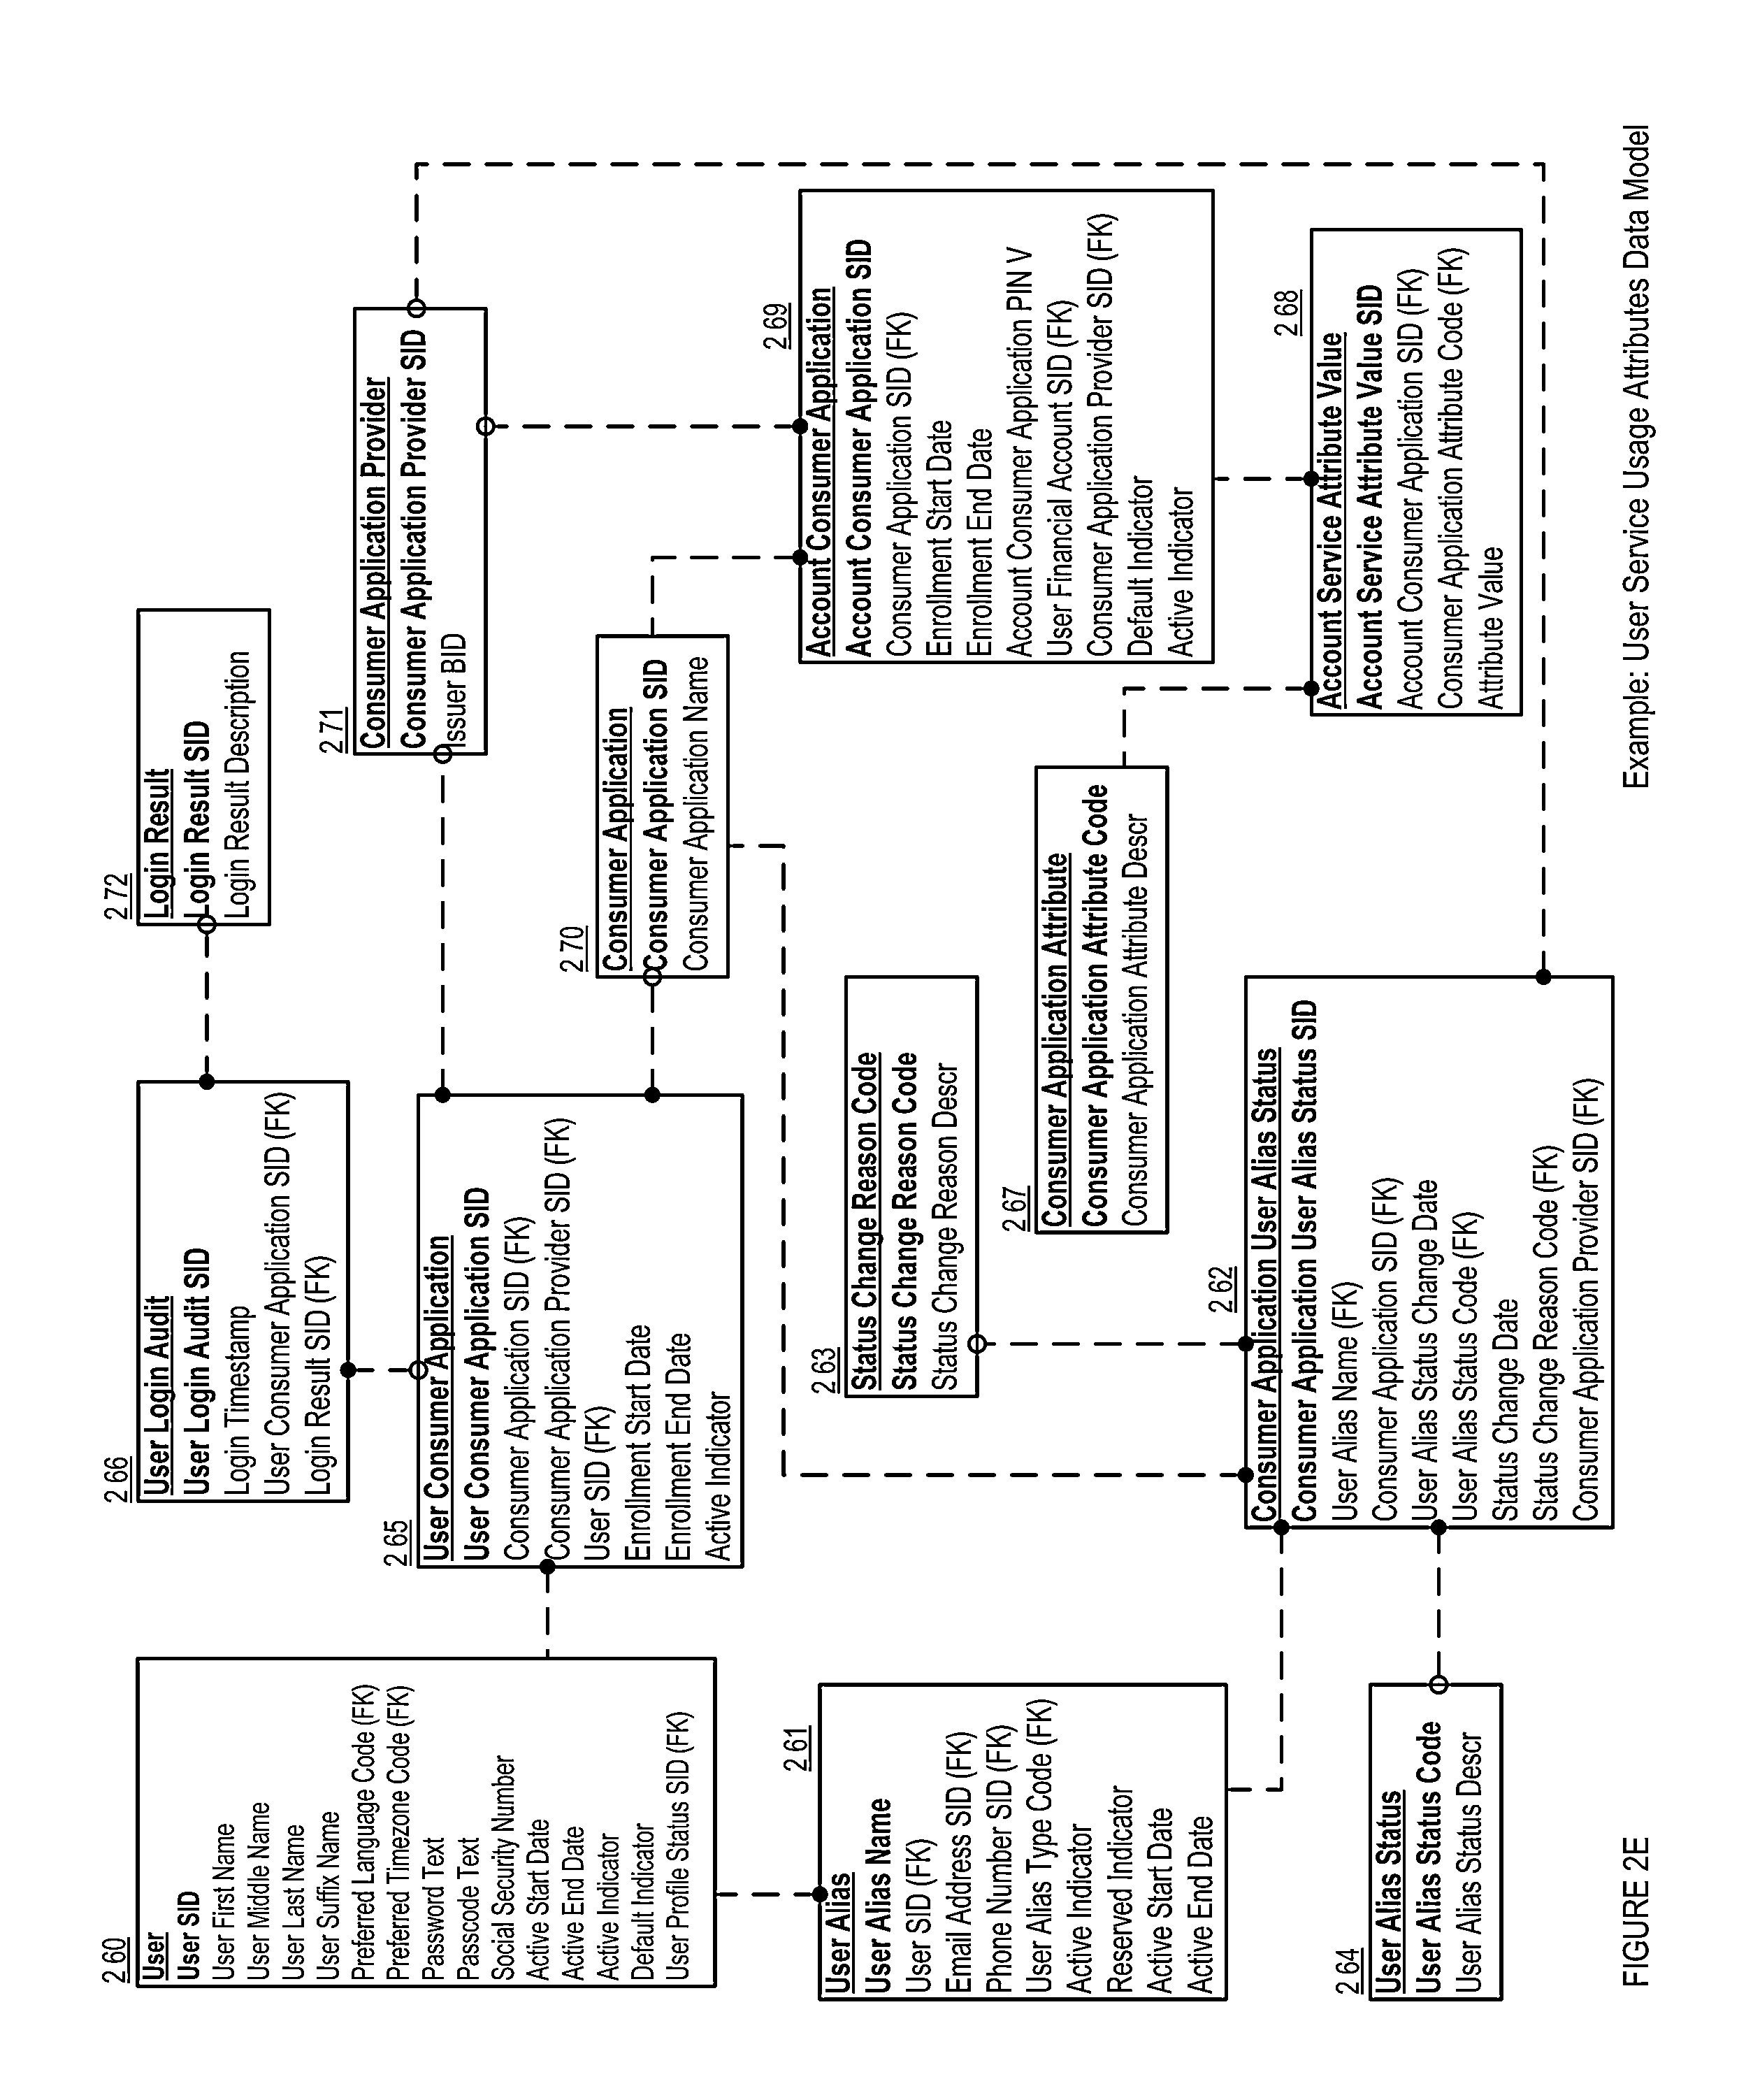 Patent Us 9830328 B2 Temperature Deviation Indicator Circuit Using 741